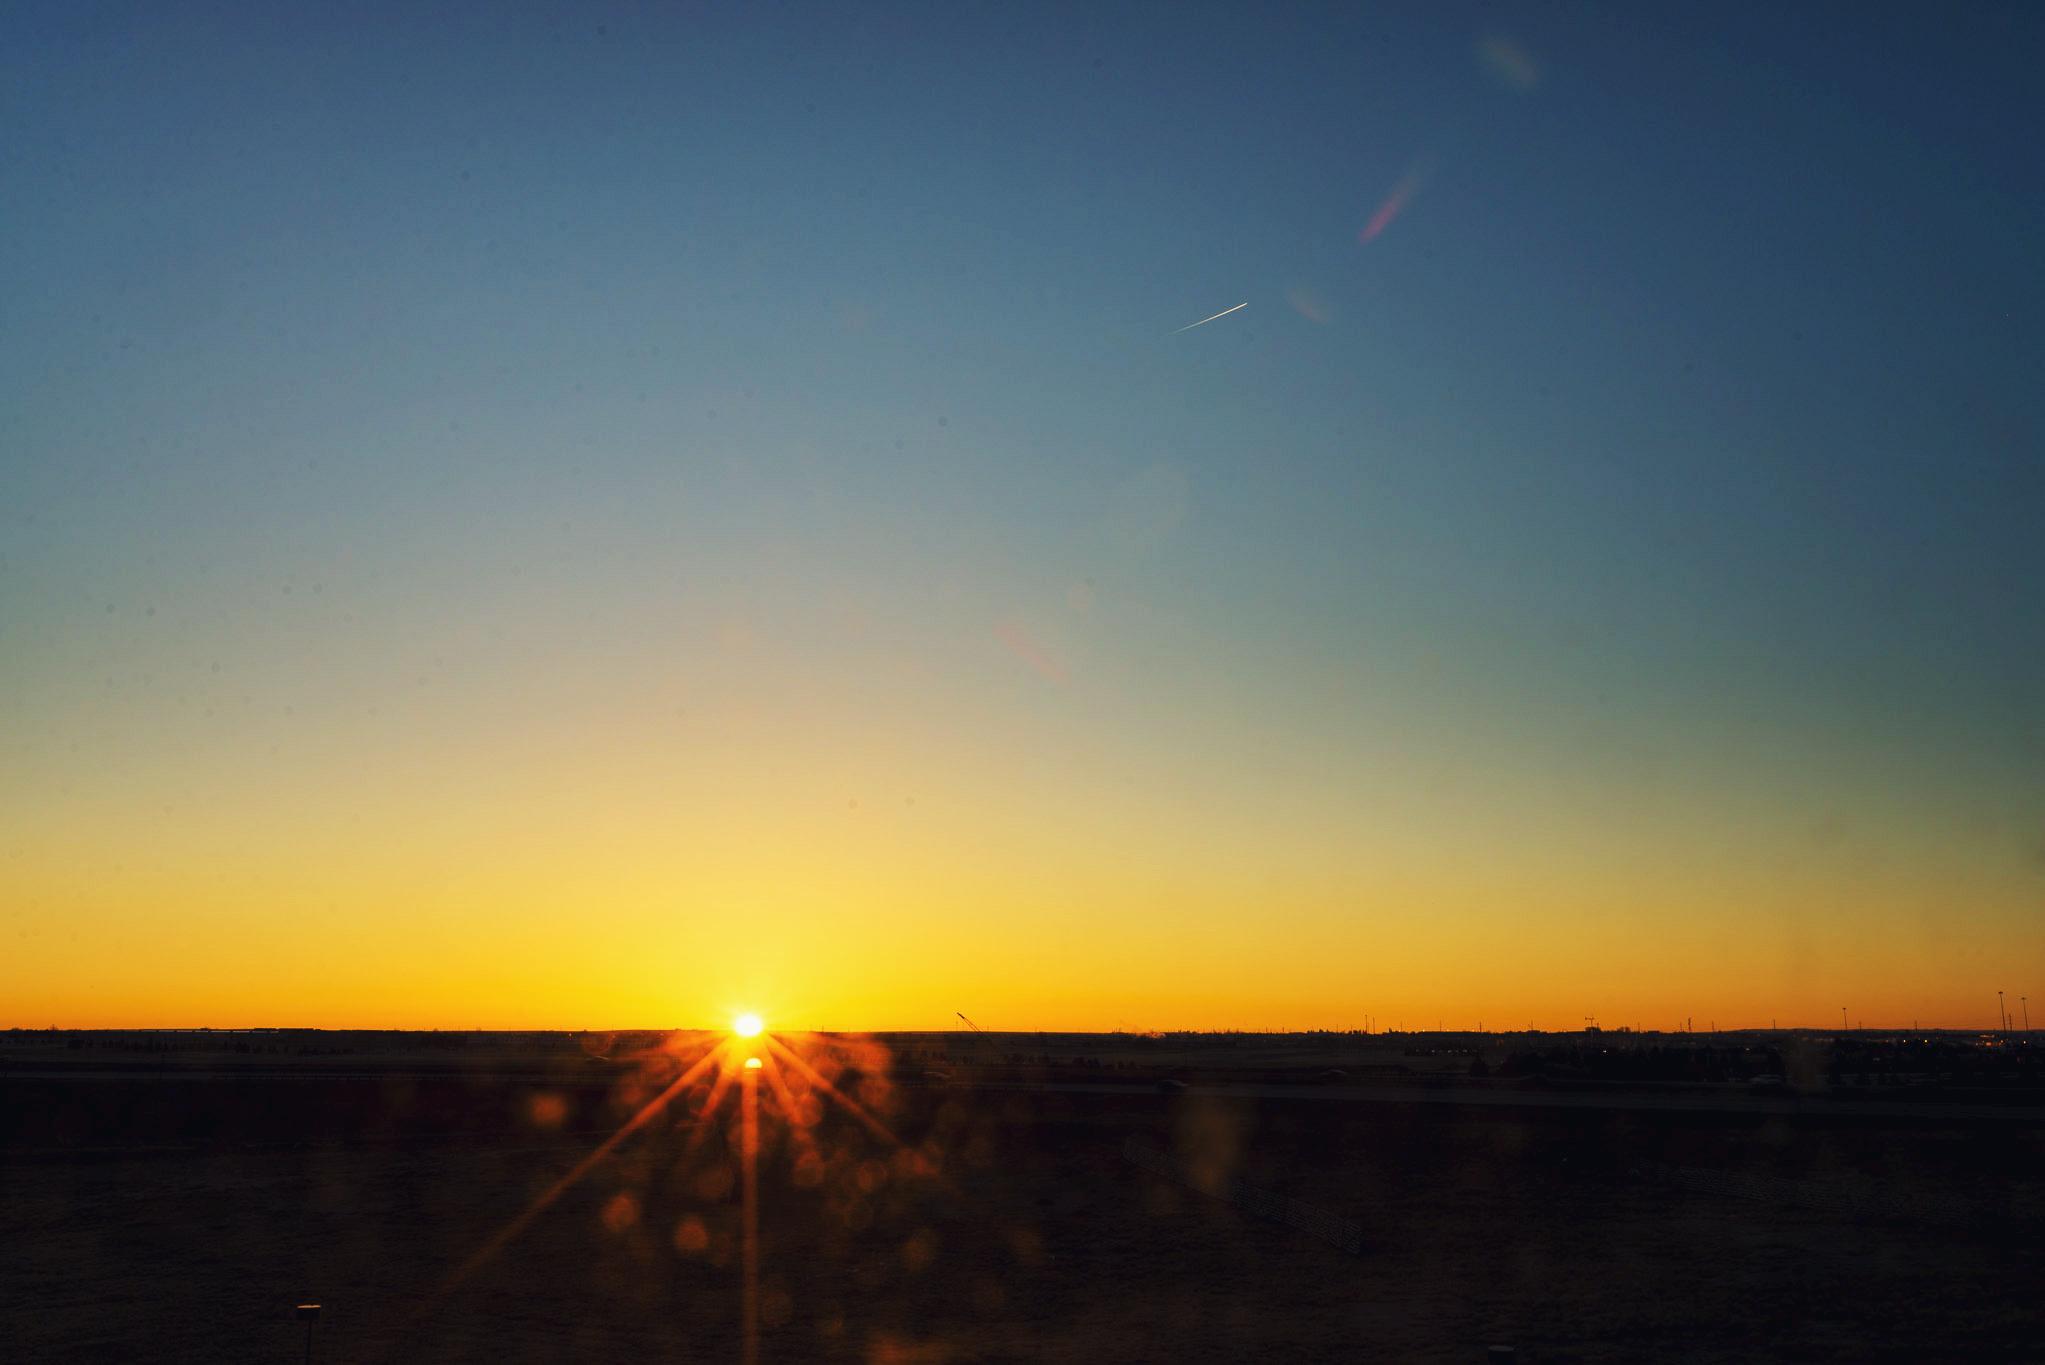 Sunrise in Denver